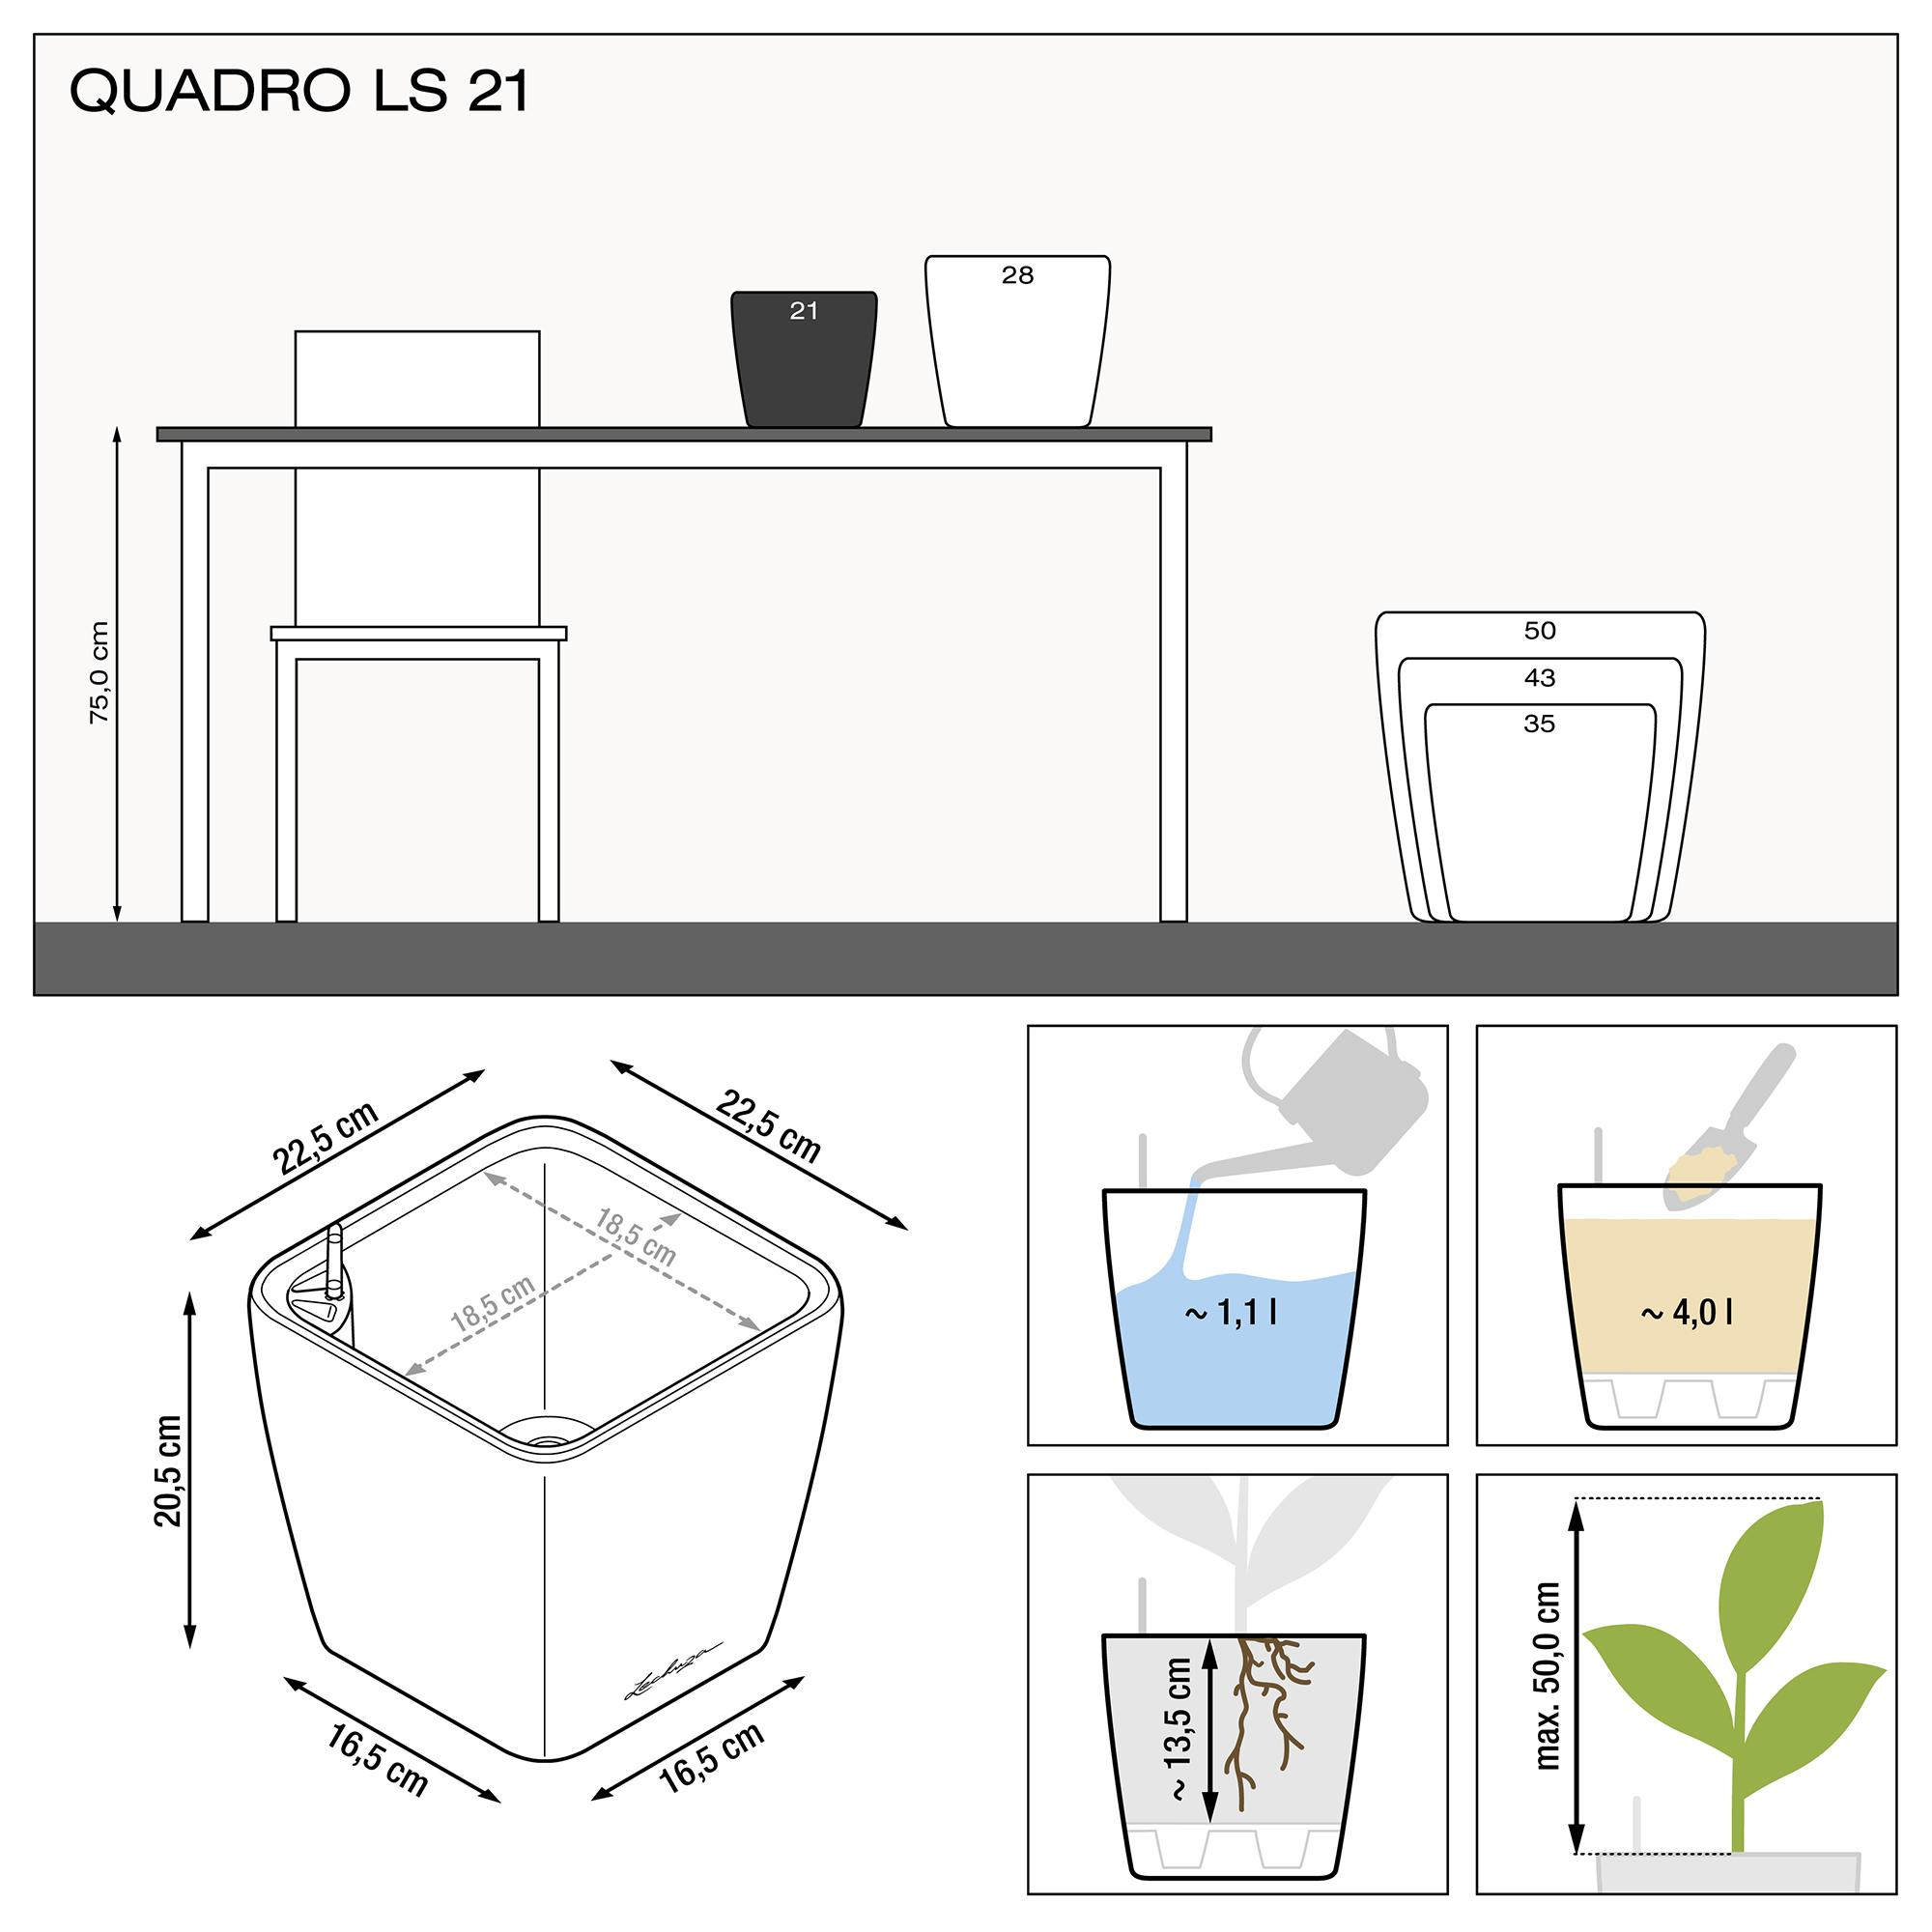 le_quadro-ls21_product_addi_nz